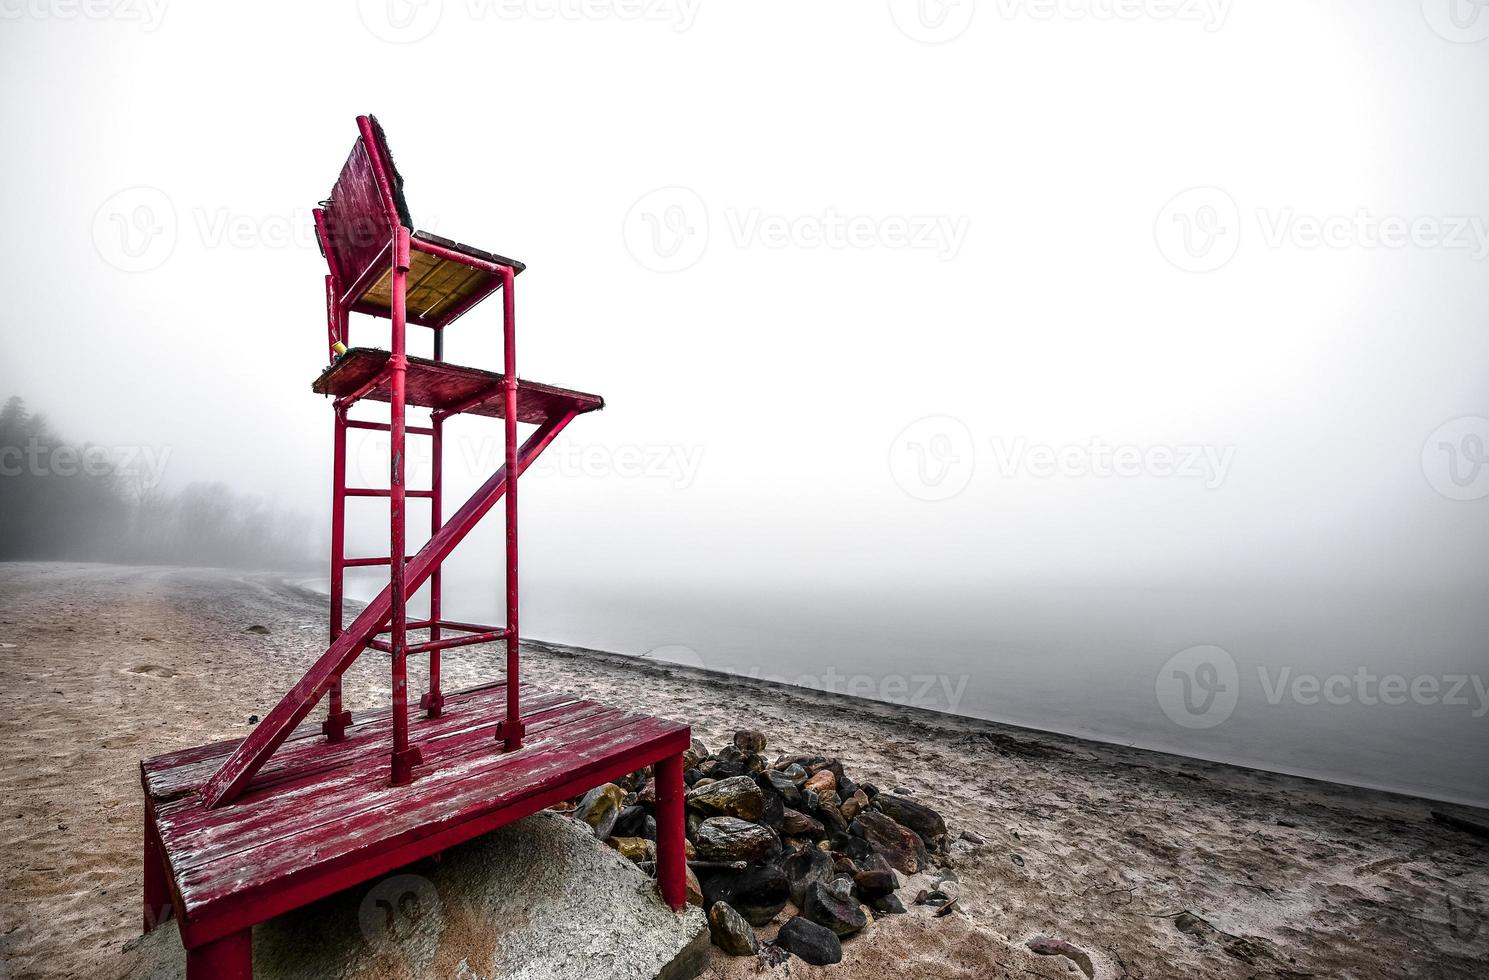 Empty lifeguard chair on a foggy beach. photo